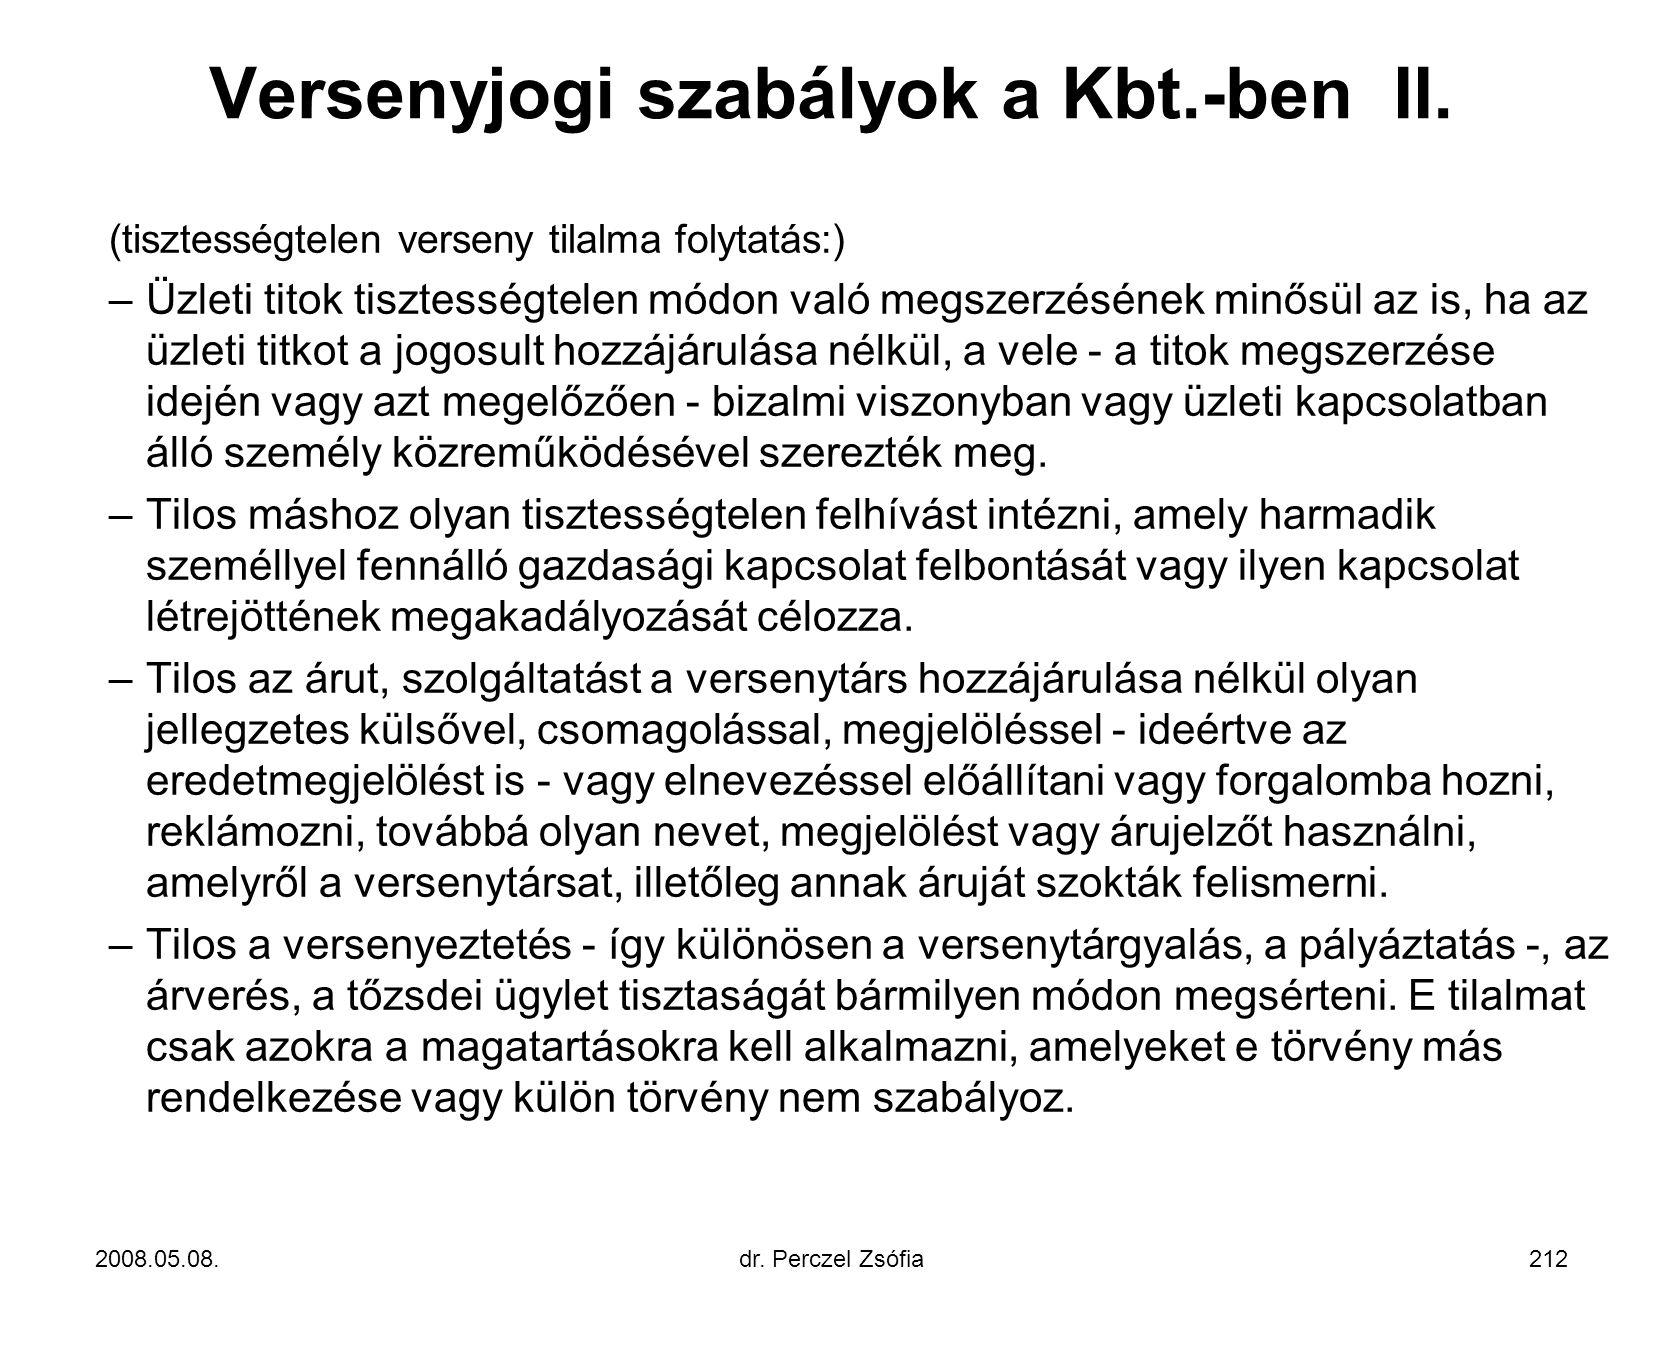 Versenyjogi szabályok a Kbt.-ben II.